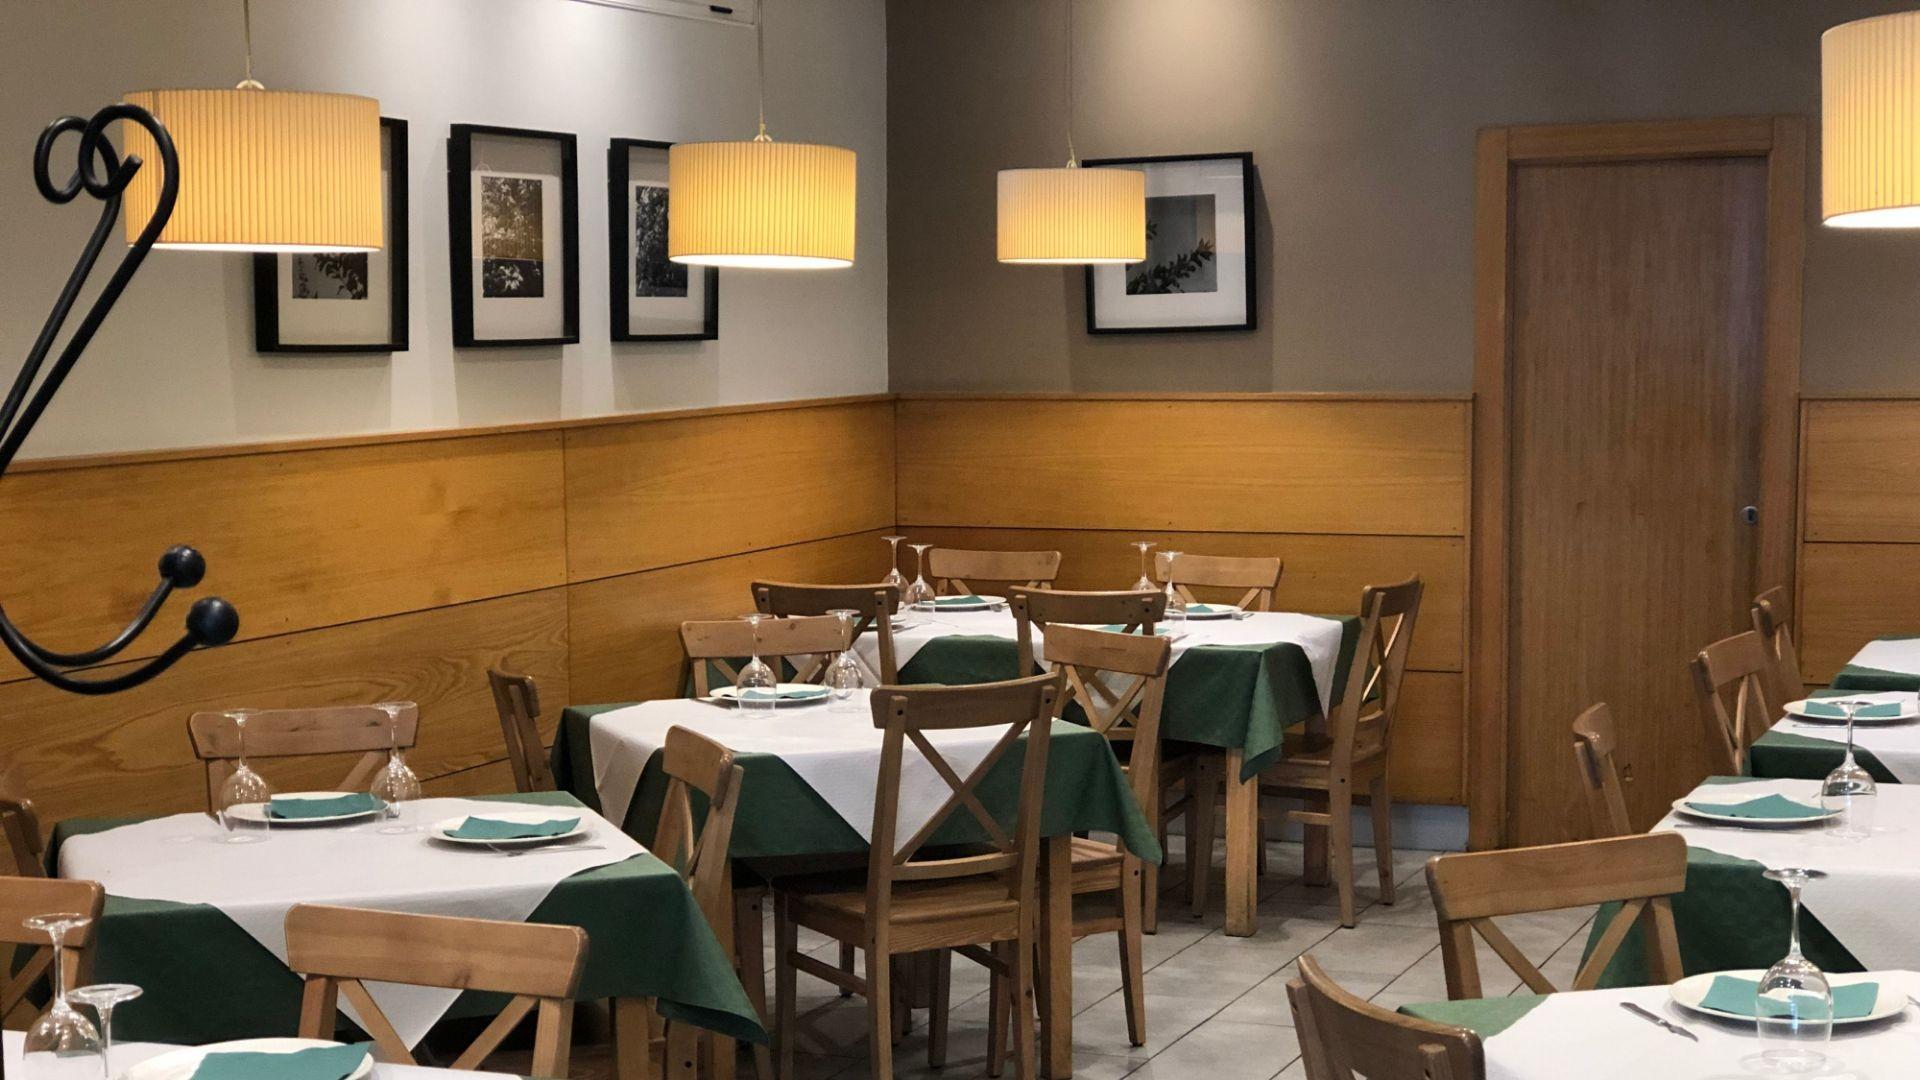 Restaurante de cocina asturiana en Oviedo